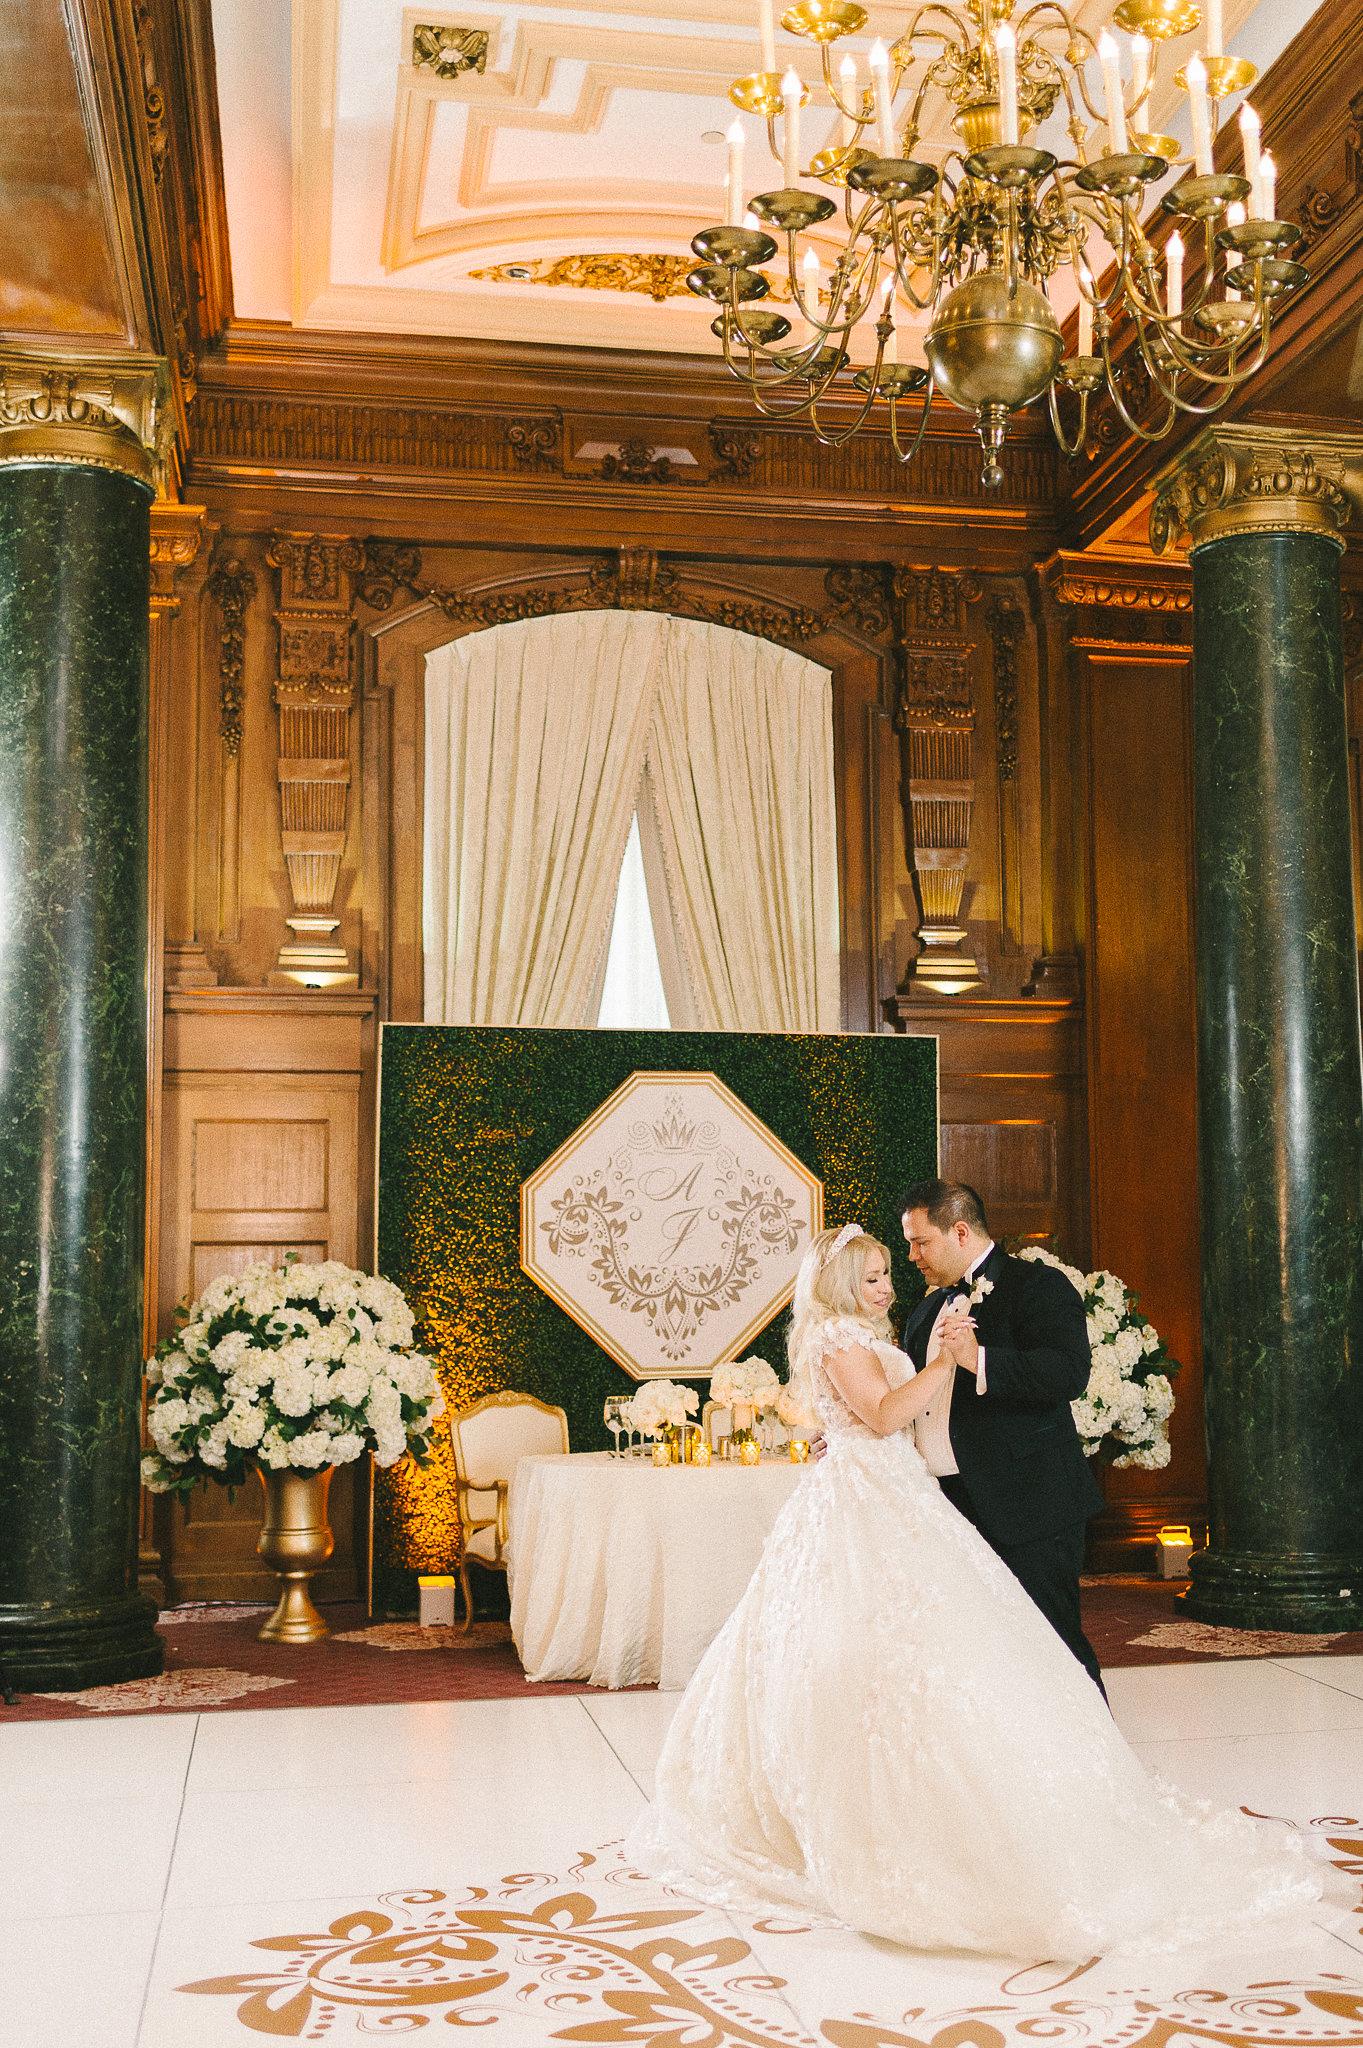 Elizabeth-Fogarty-Wedding-Photography-189.jpg